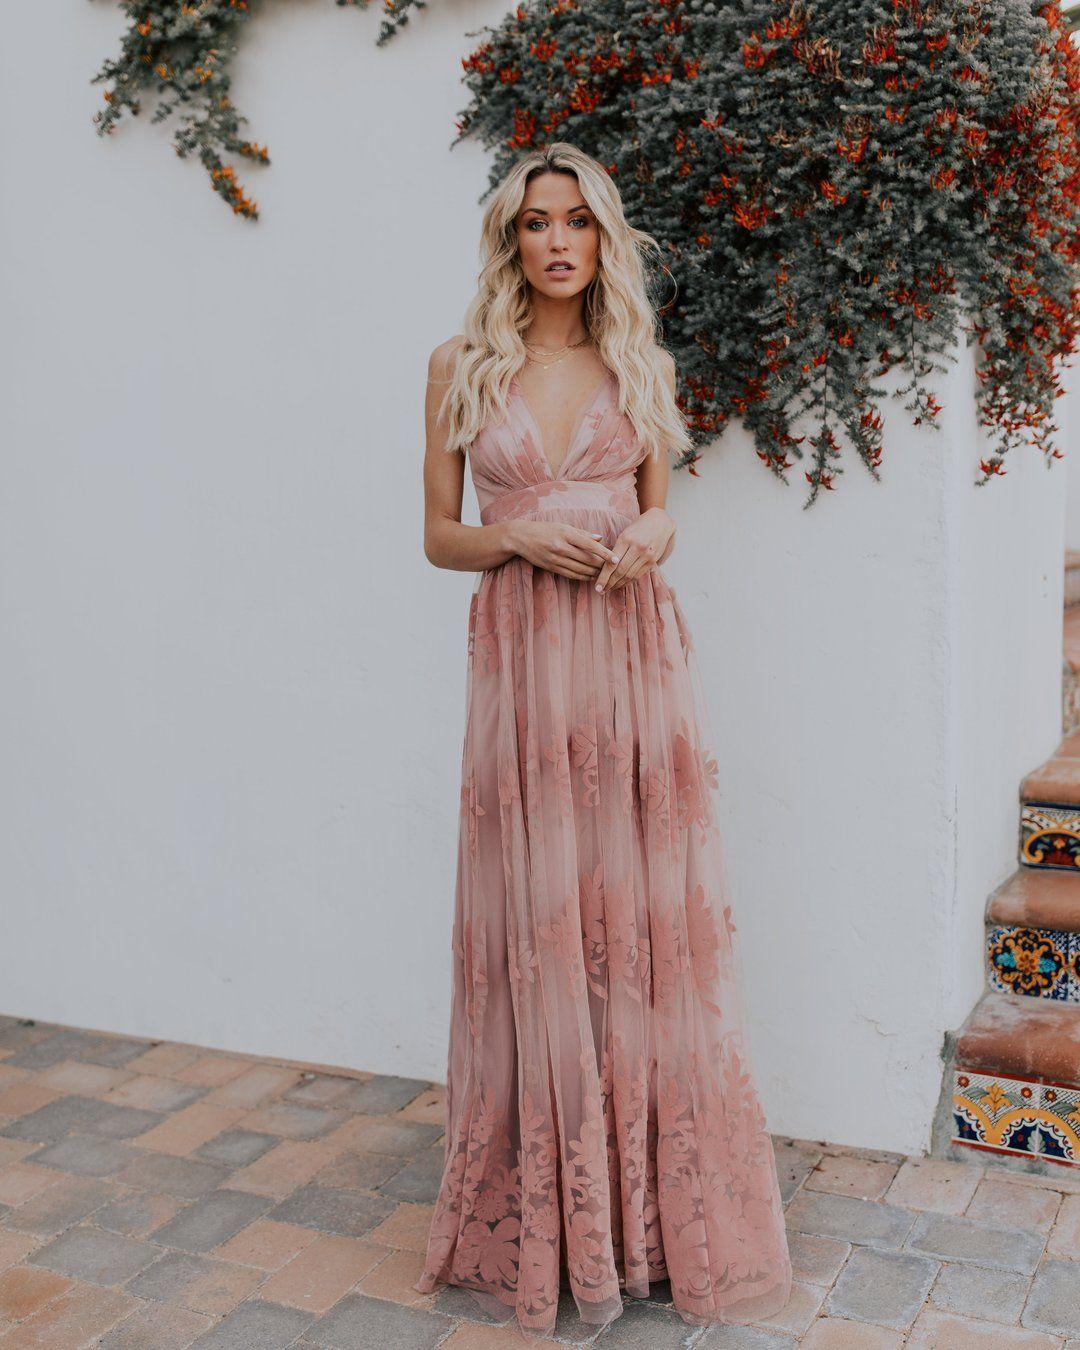 Antonia Maxi Dress Mauve In 2021 Maxi Dress Dresses Pink Maxi Dress [ 1350 x 1080 Pixel ]